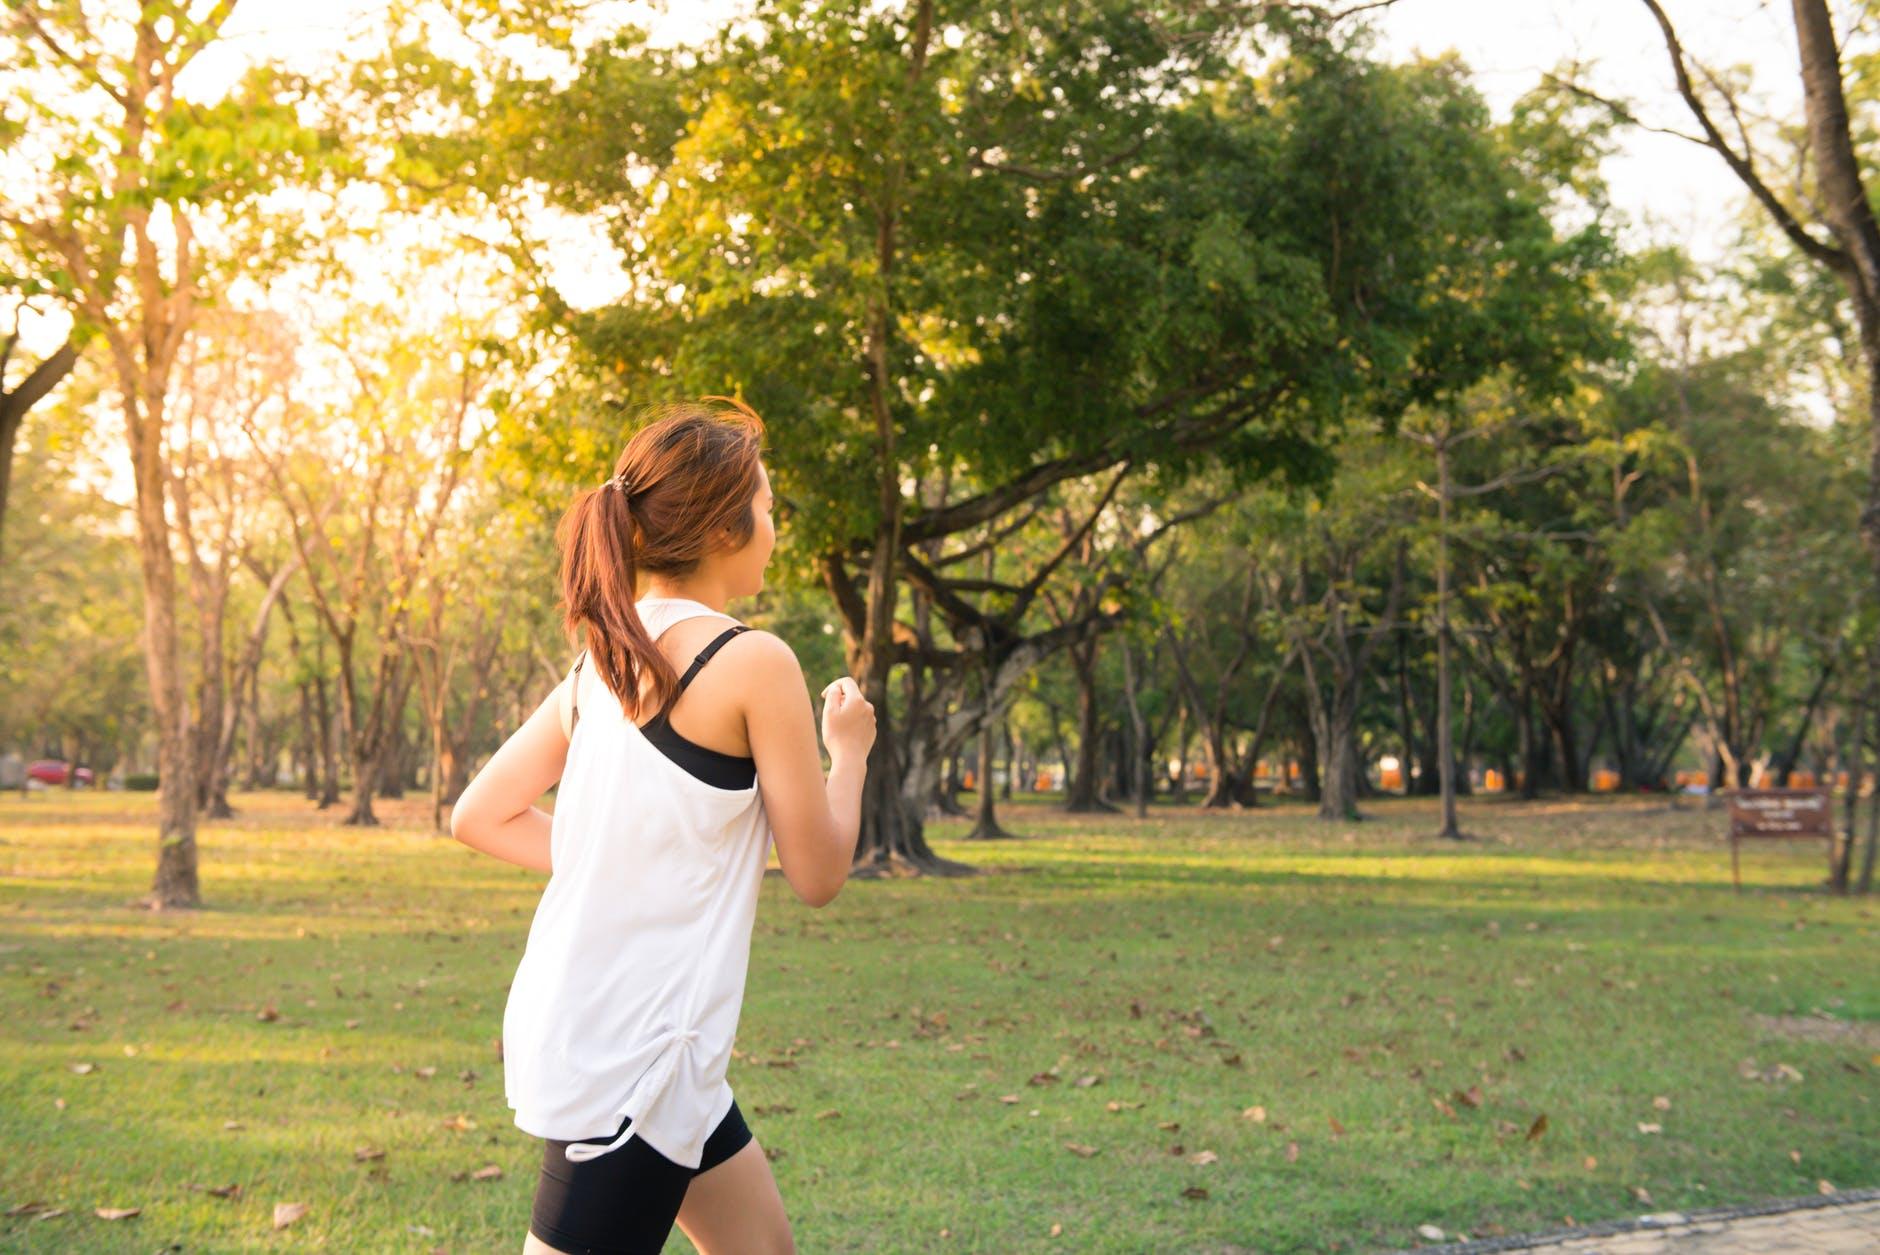 Woman Running from the Coronavirus